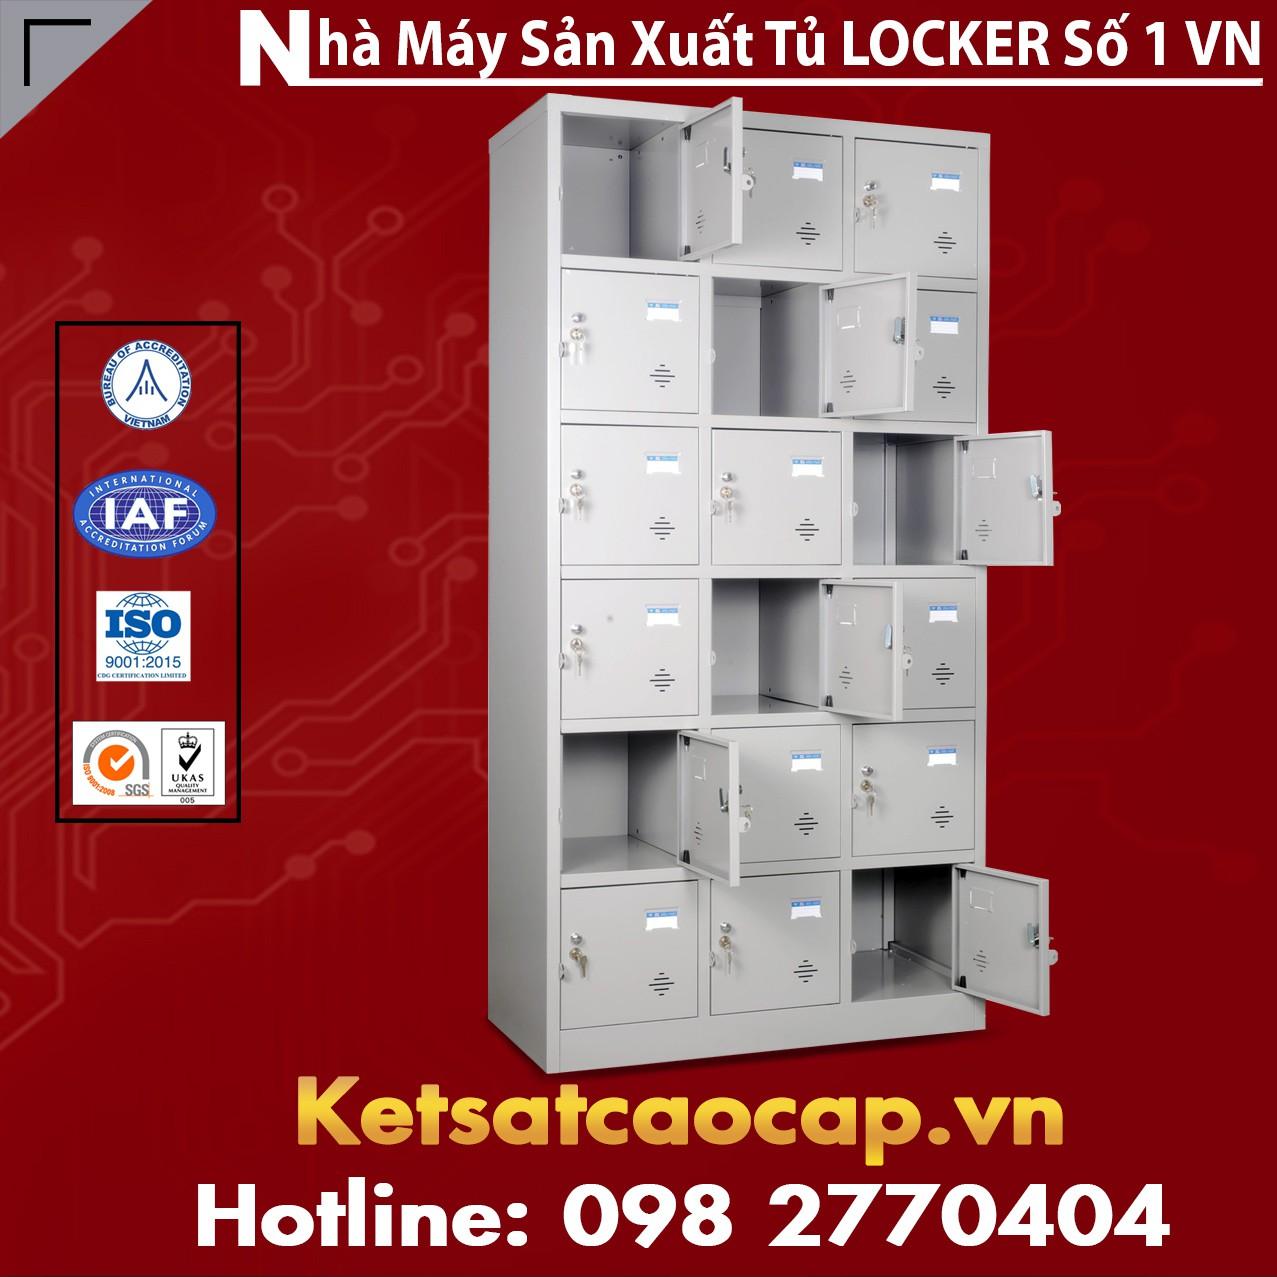 Tủ Locker TU986-3K